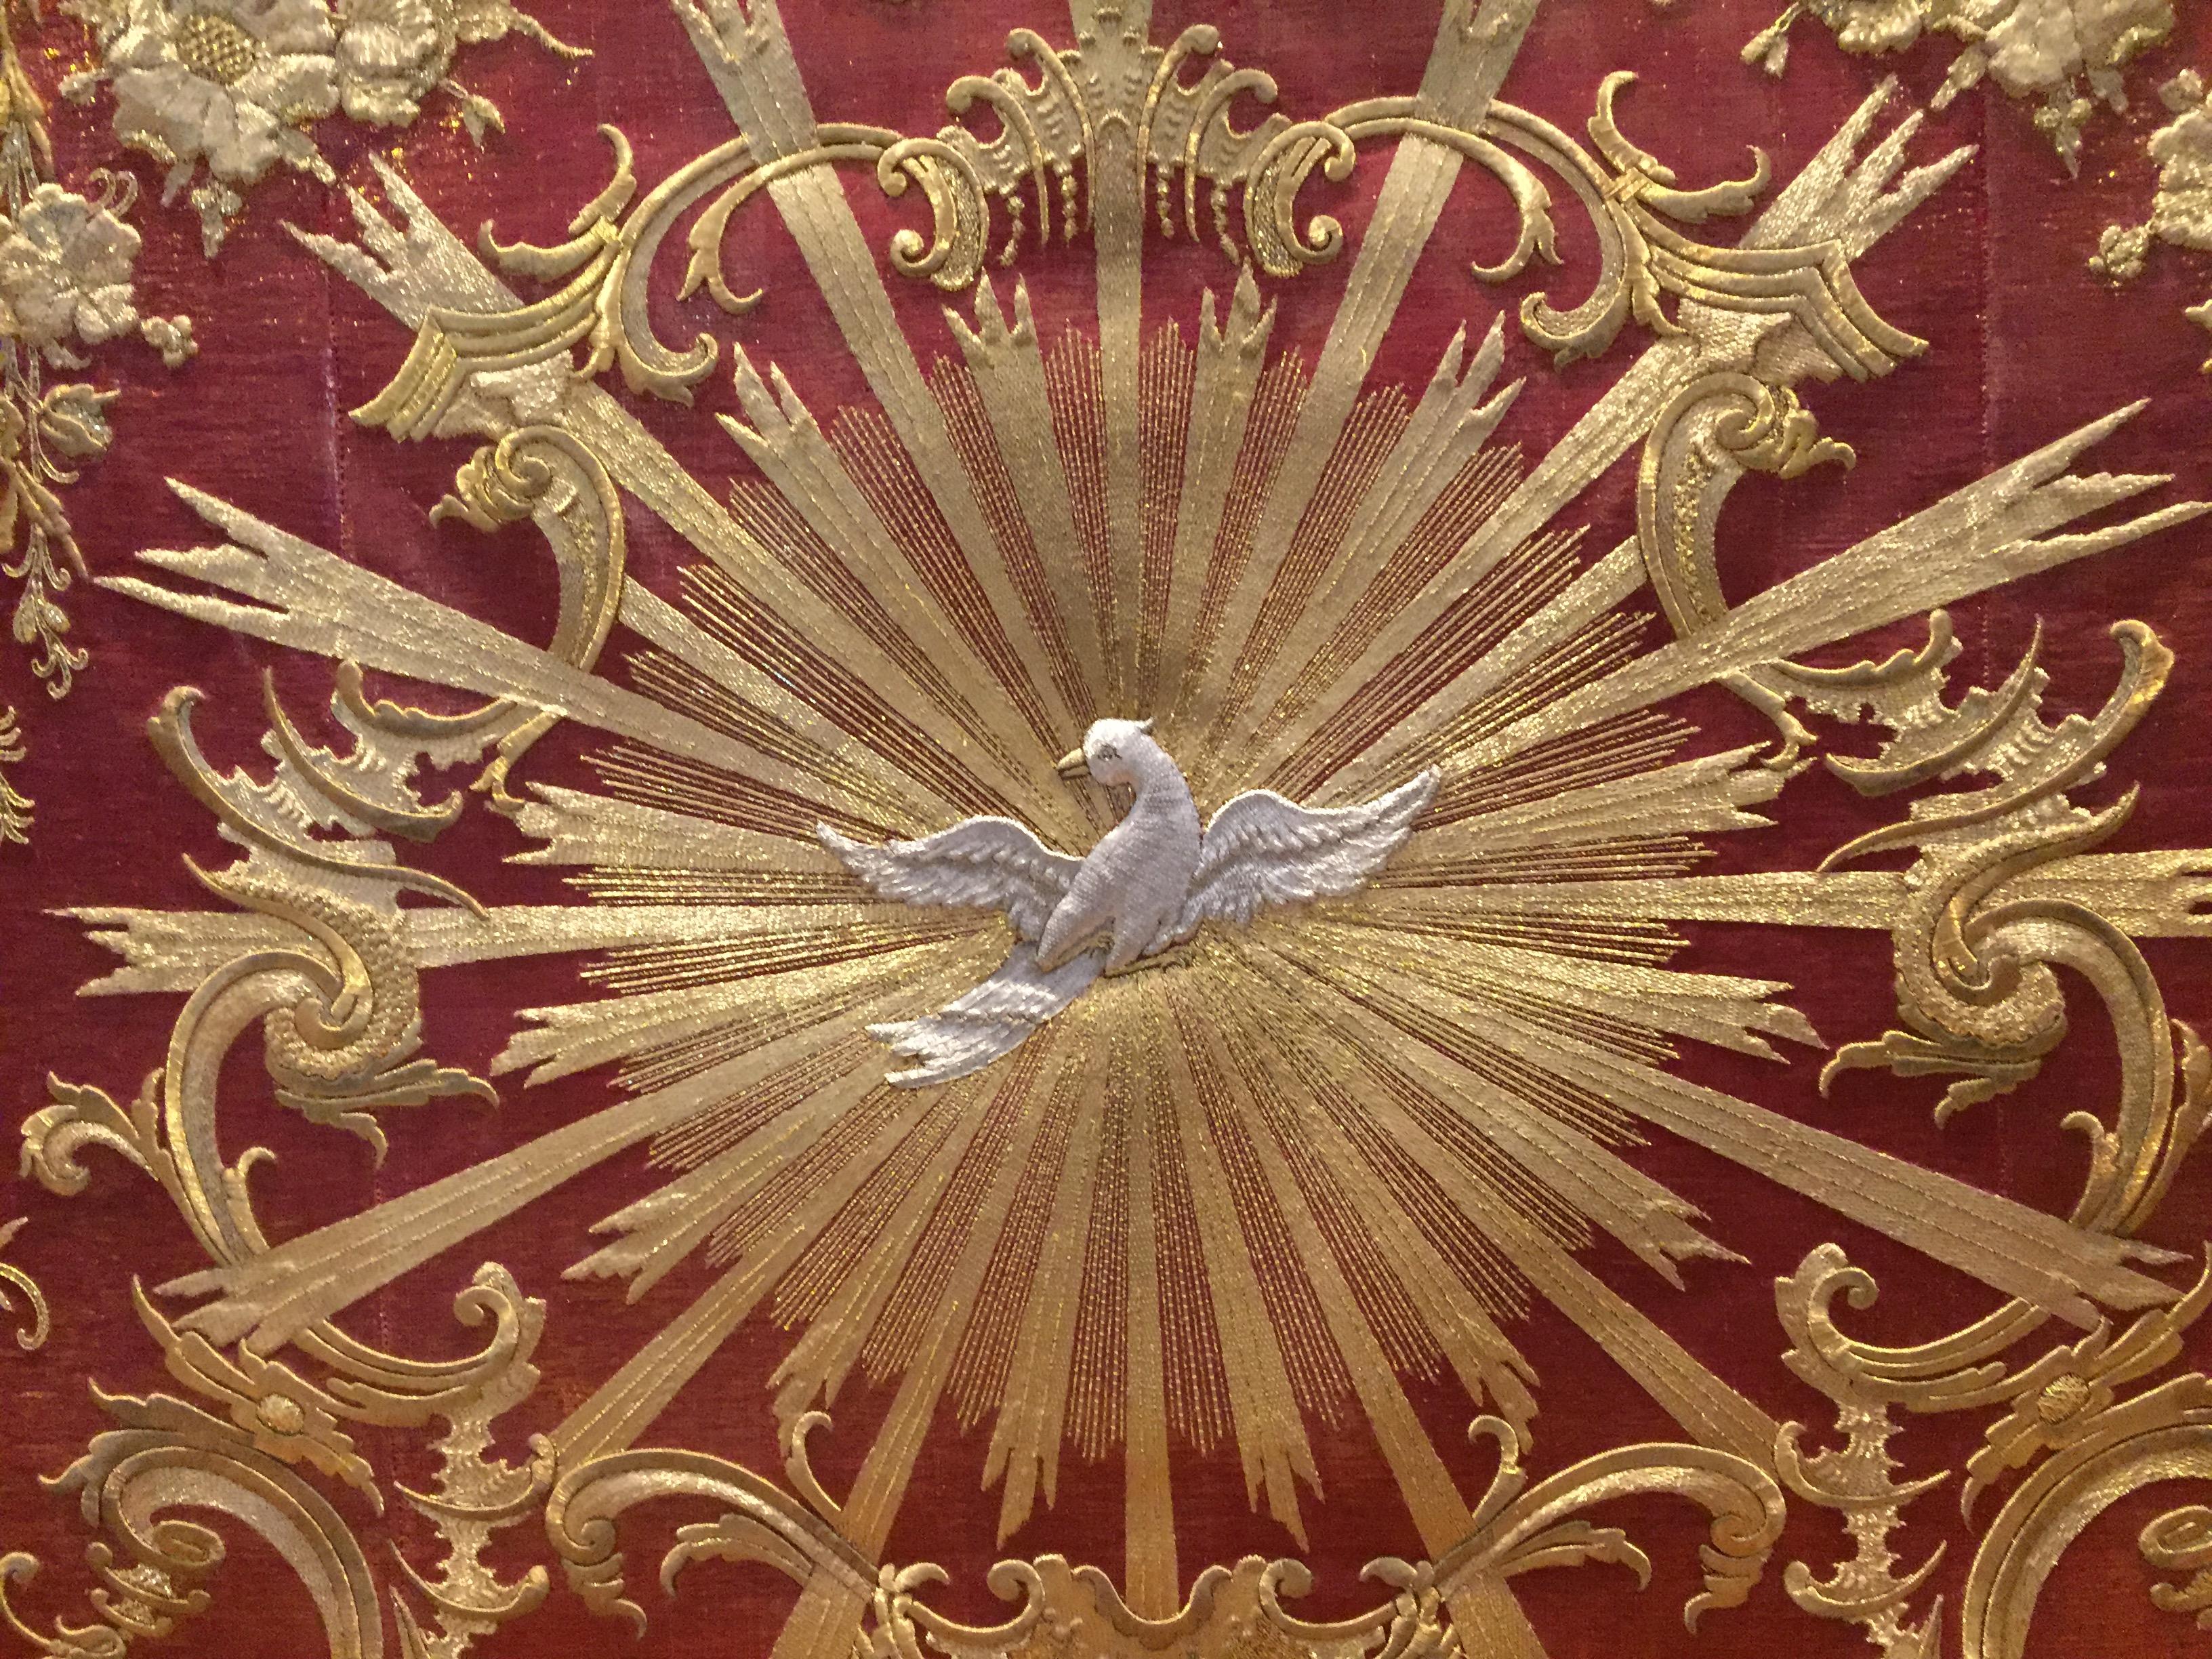 Das Antependium aus der Mitte des 18. Jahrhundert zeigt den Heiligen Geist in Form einer Taube.